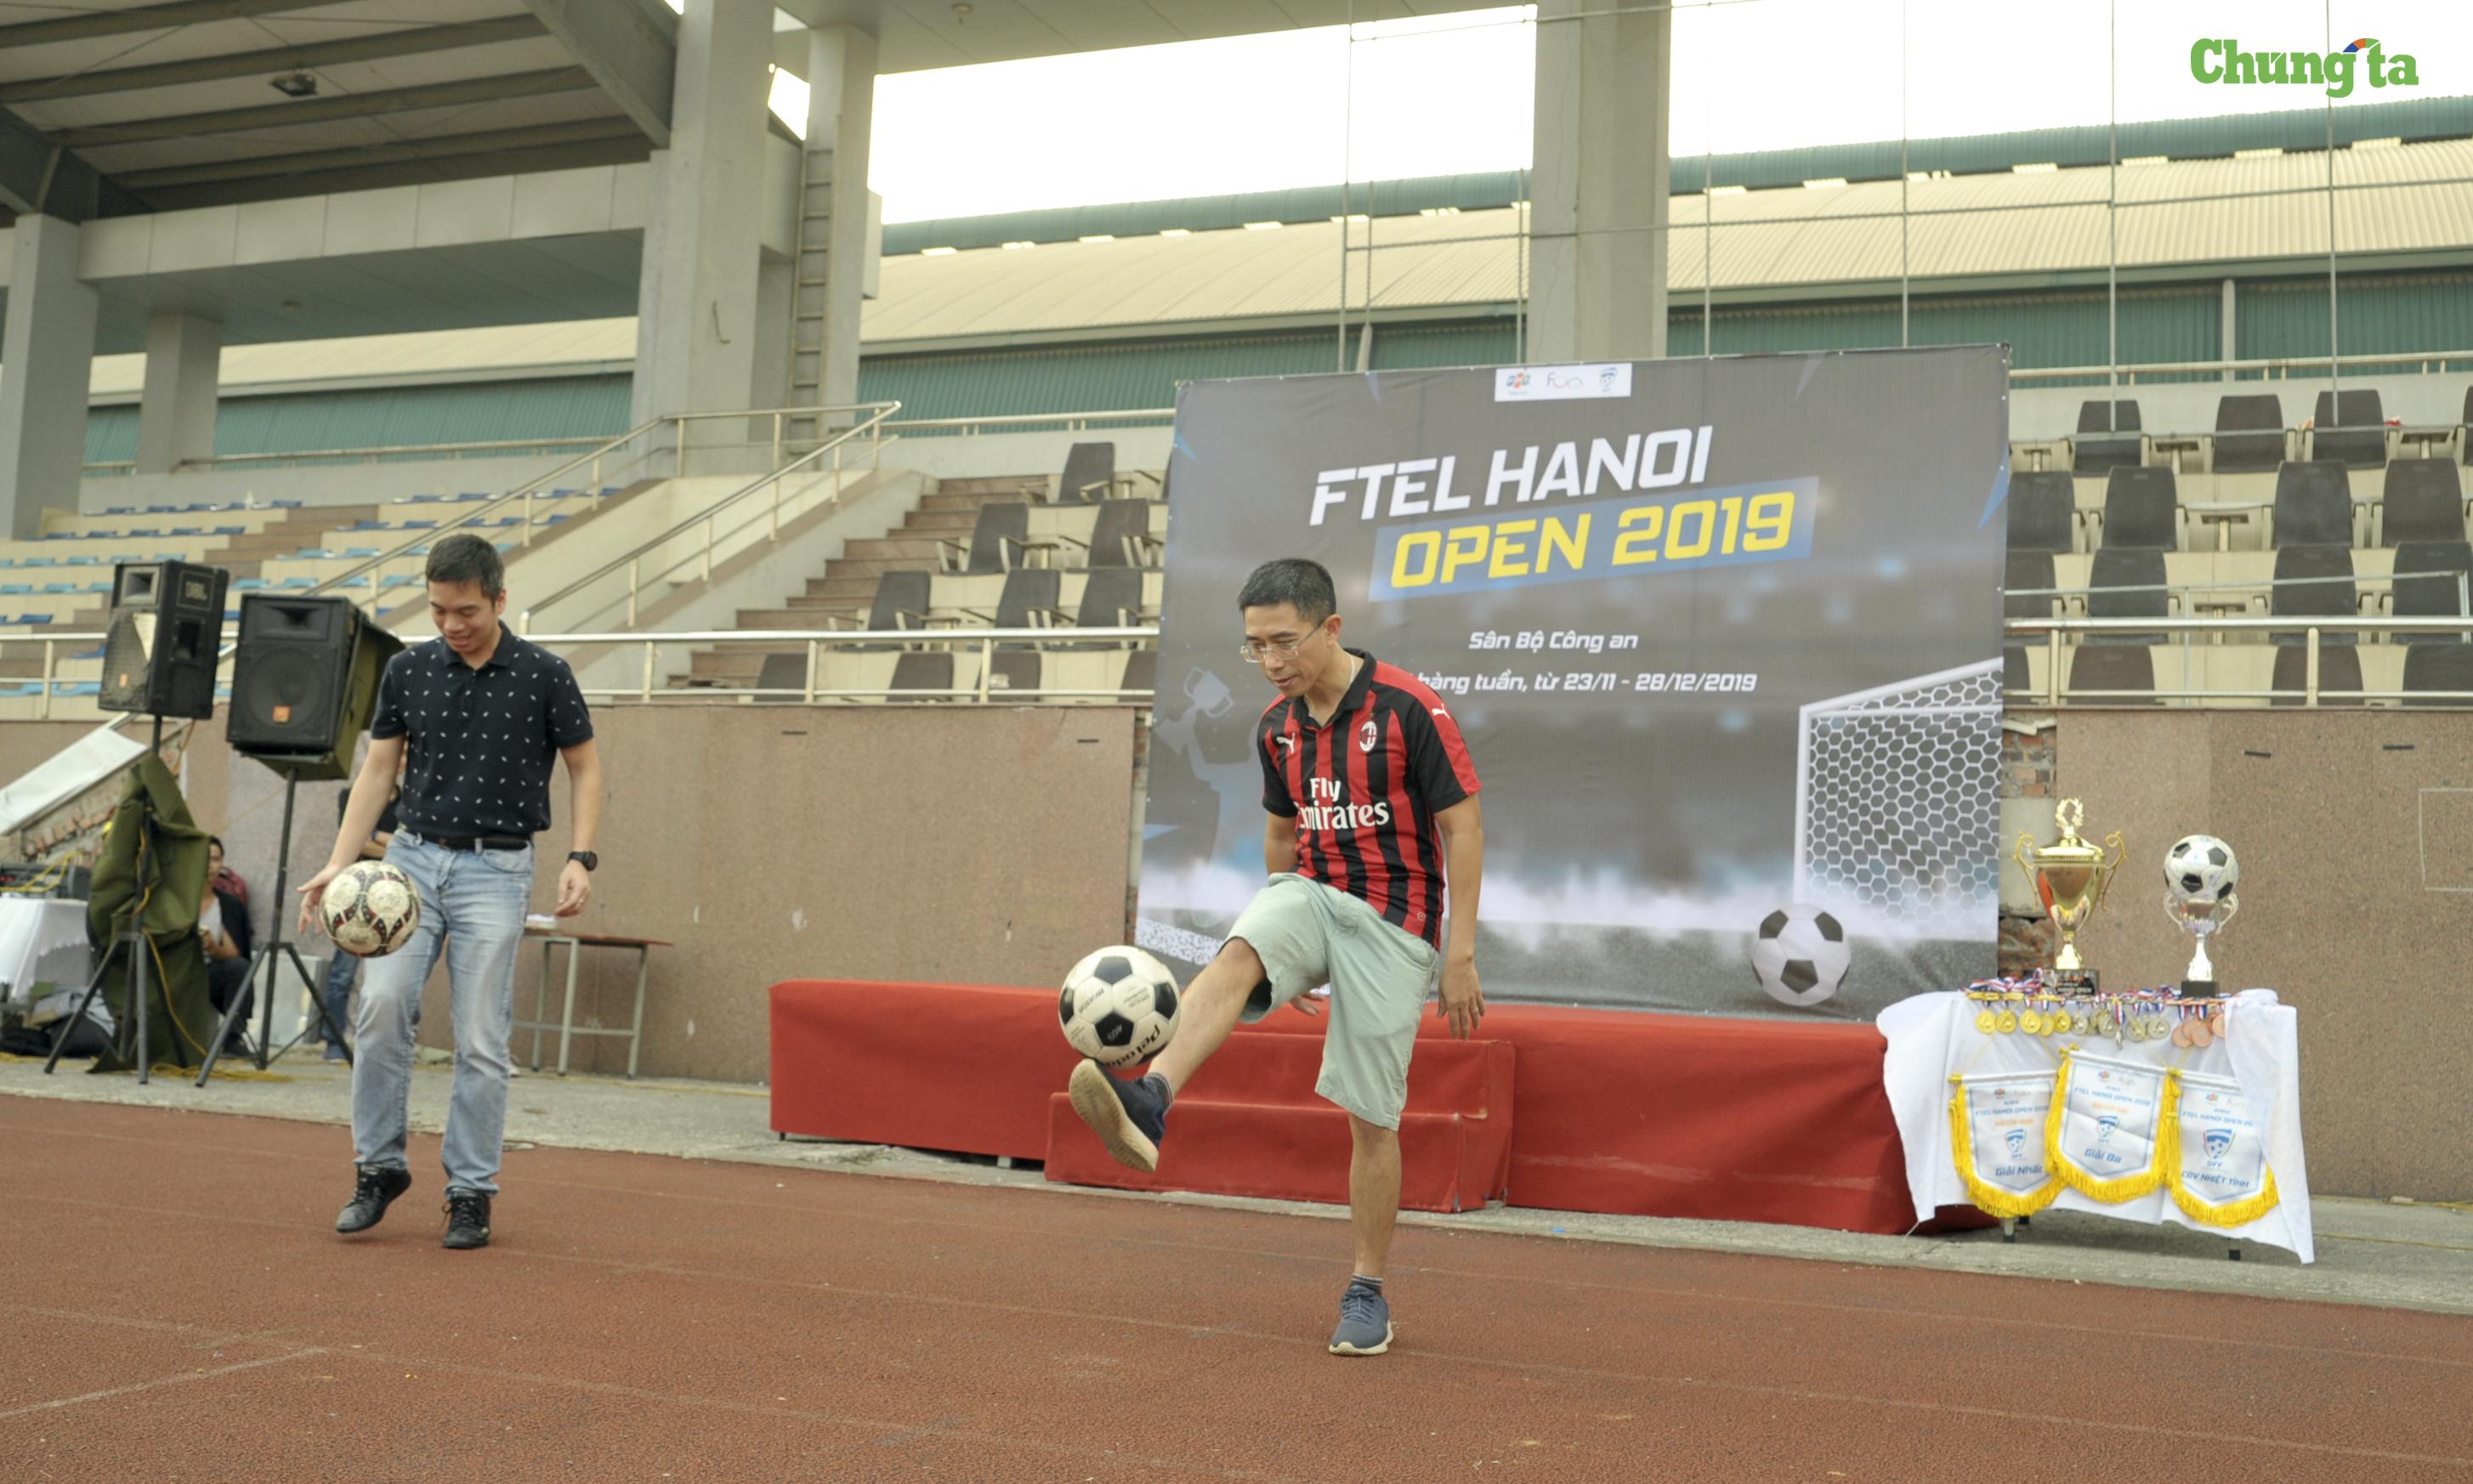 Ngay sau đó là màn trổ tài tâng bóng khích lệ cầu thủ củaanh Hoàng Việt Anh (bên phải), TGĐ FPT Telecom vàanhNguyễn Anh Đức, GĐ Kinh doanh Vùng 1, FPT Telecom.